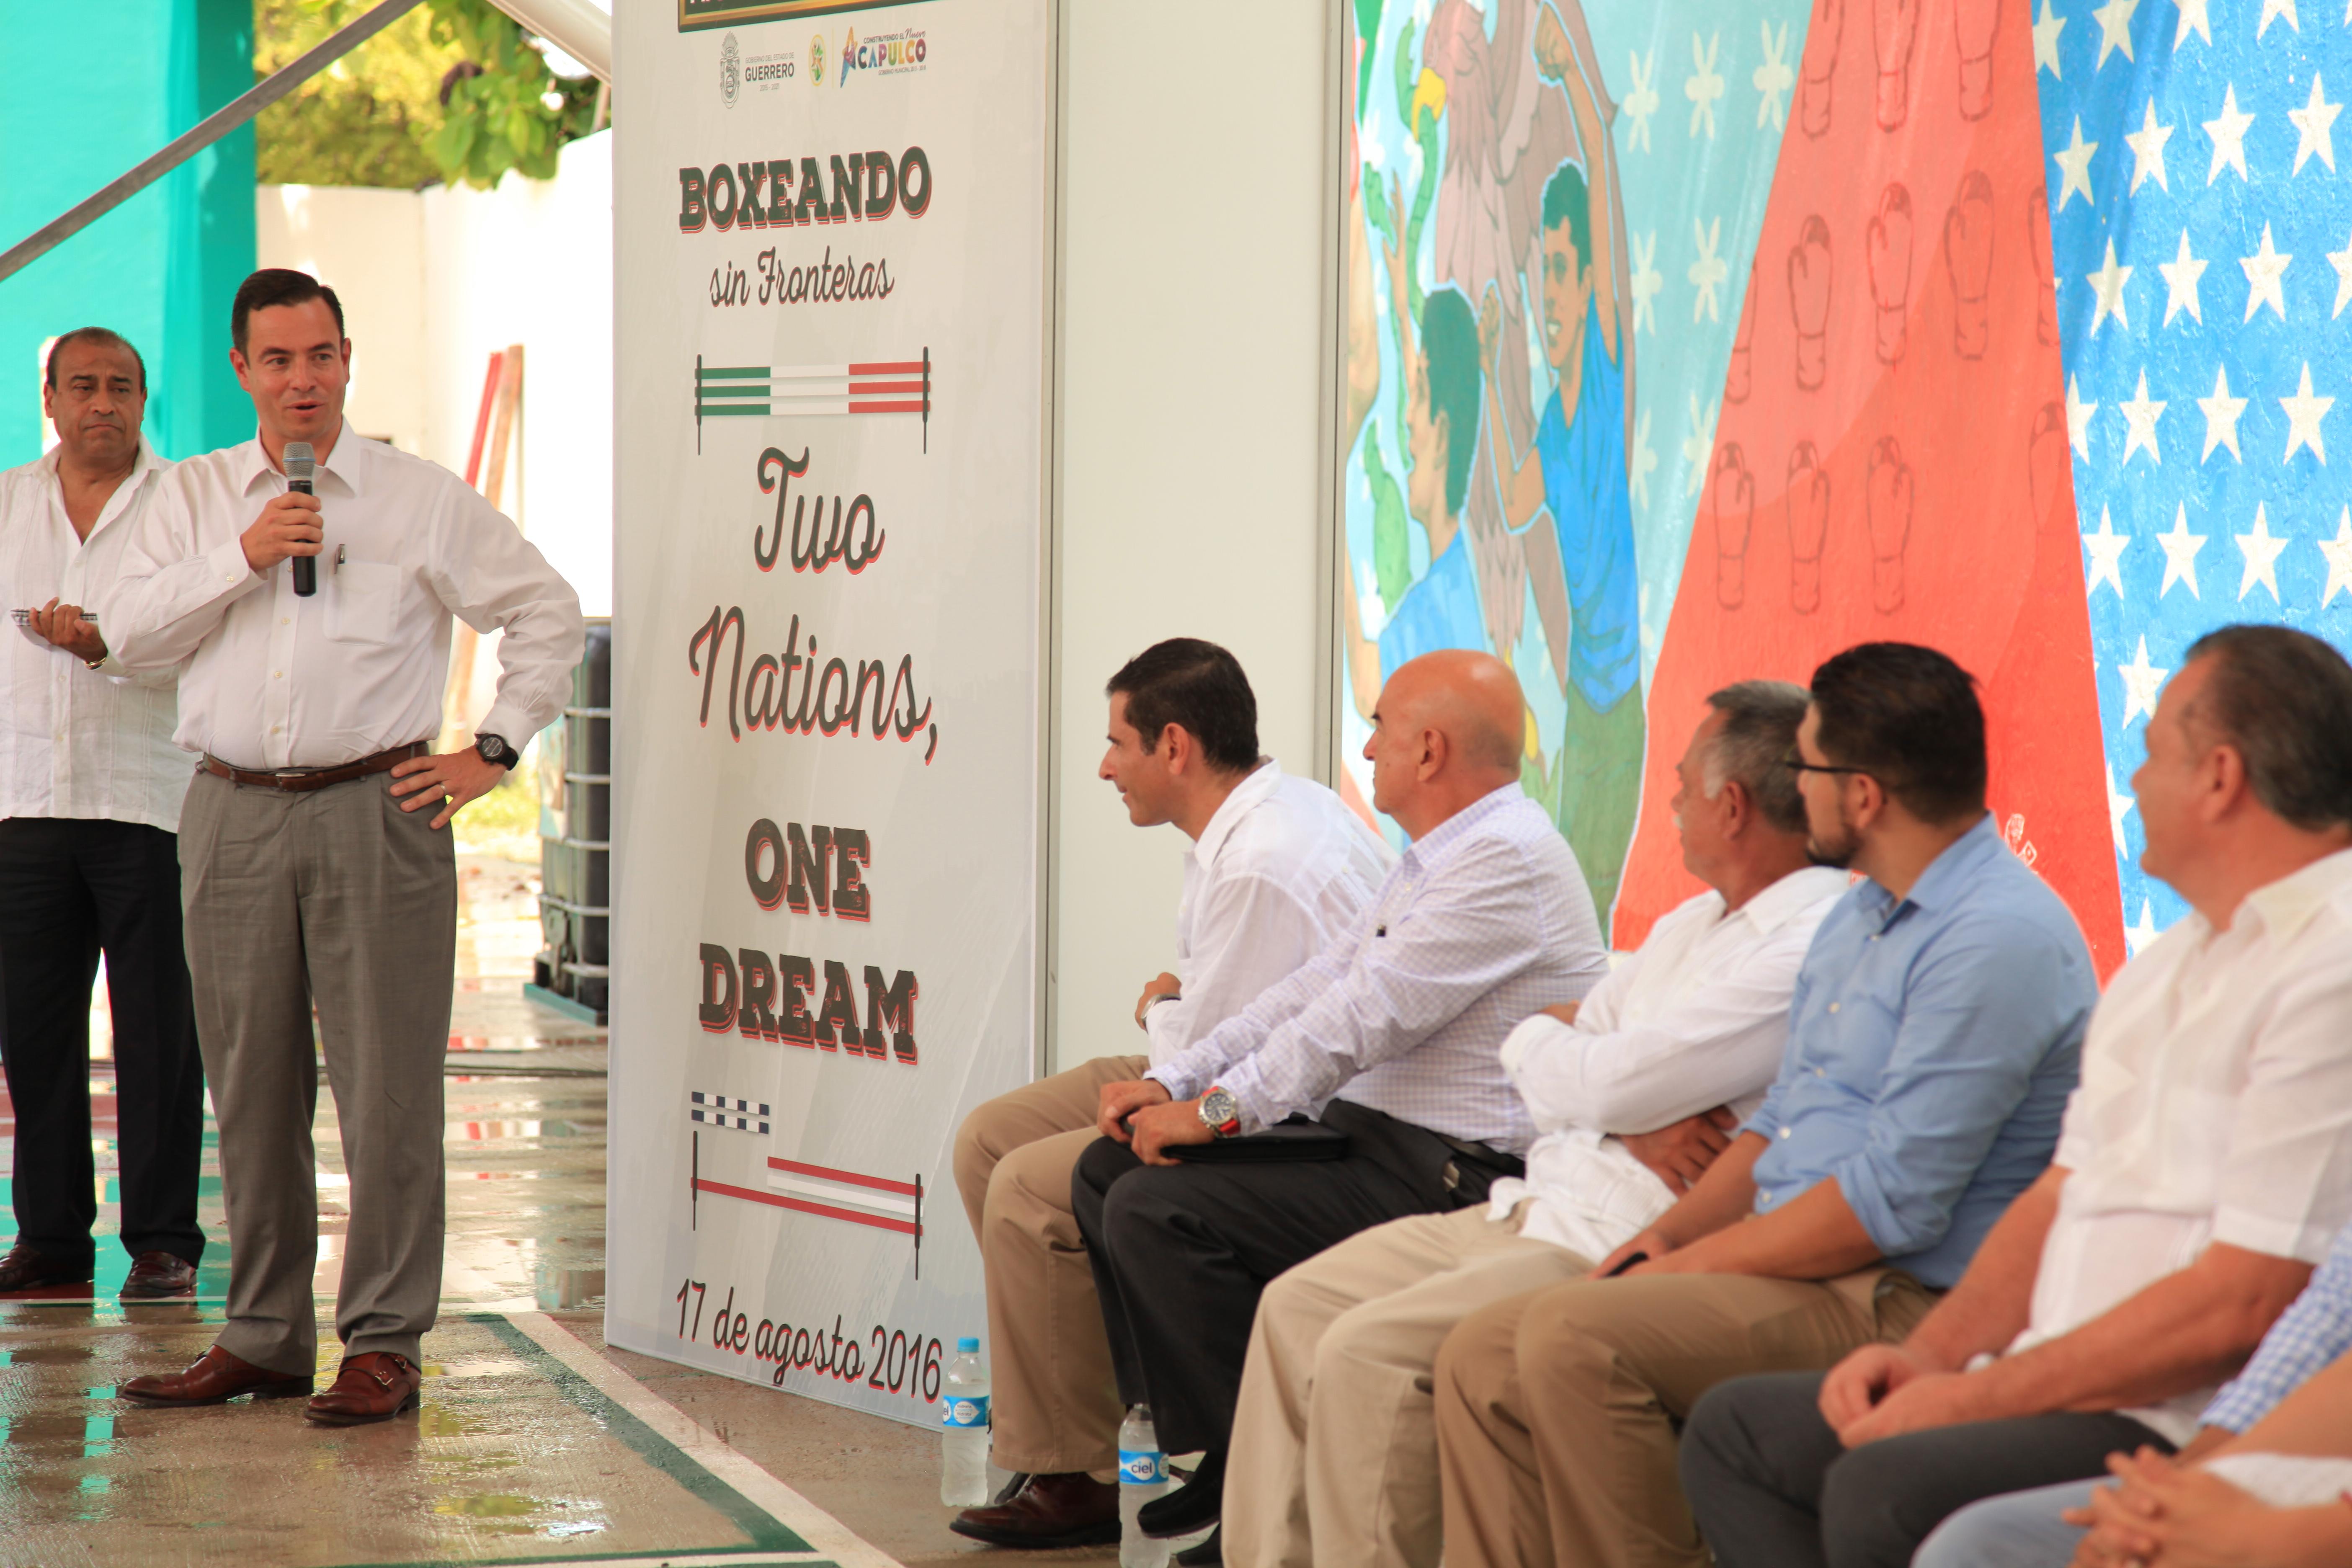 Realizan clínicas binacionales de Box para jóvenes en Acapulco